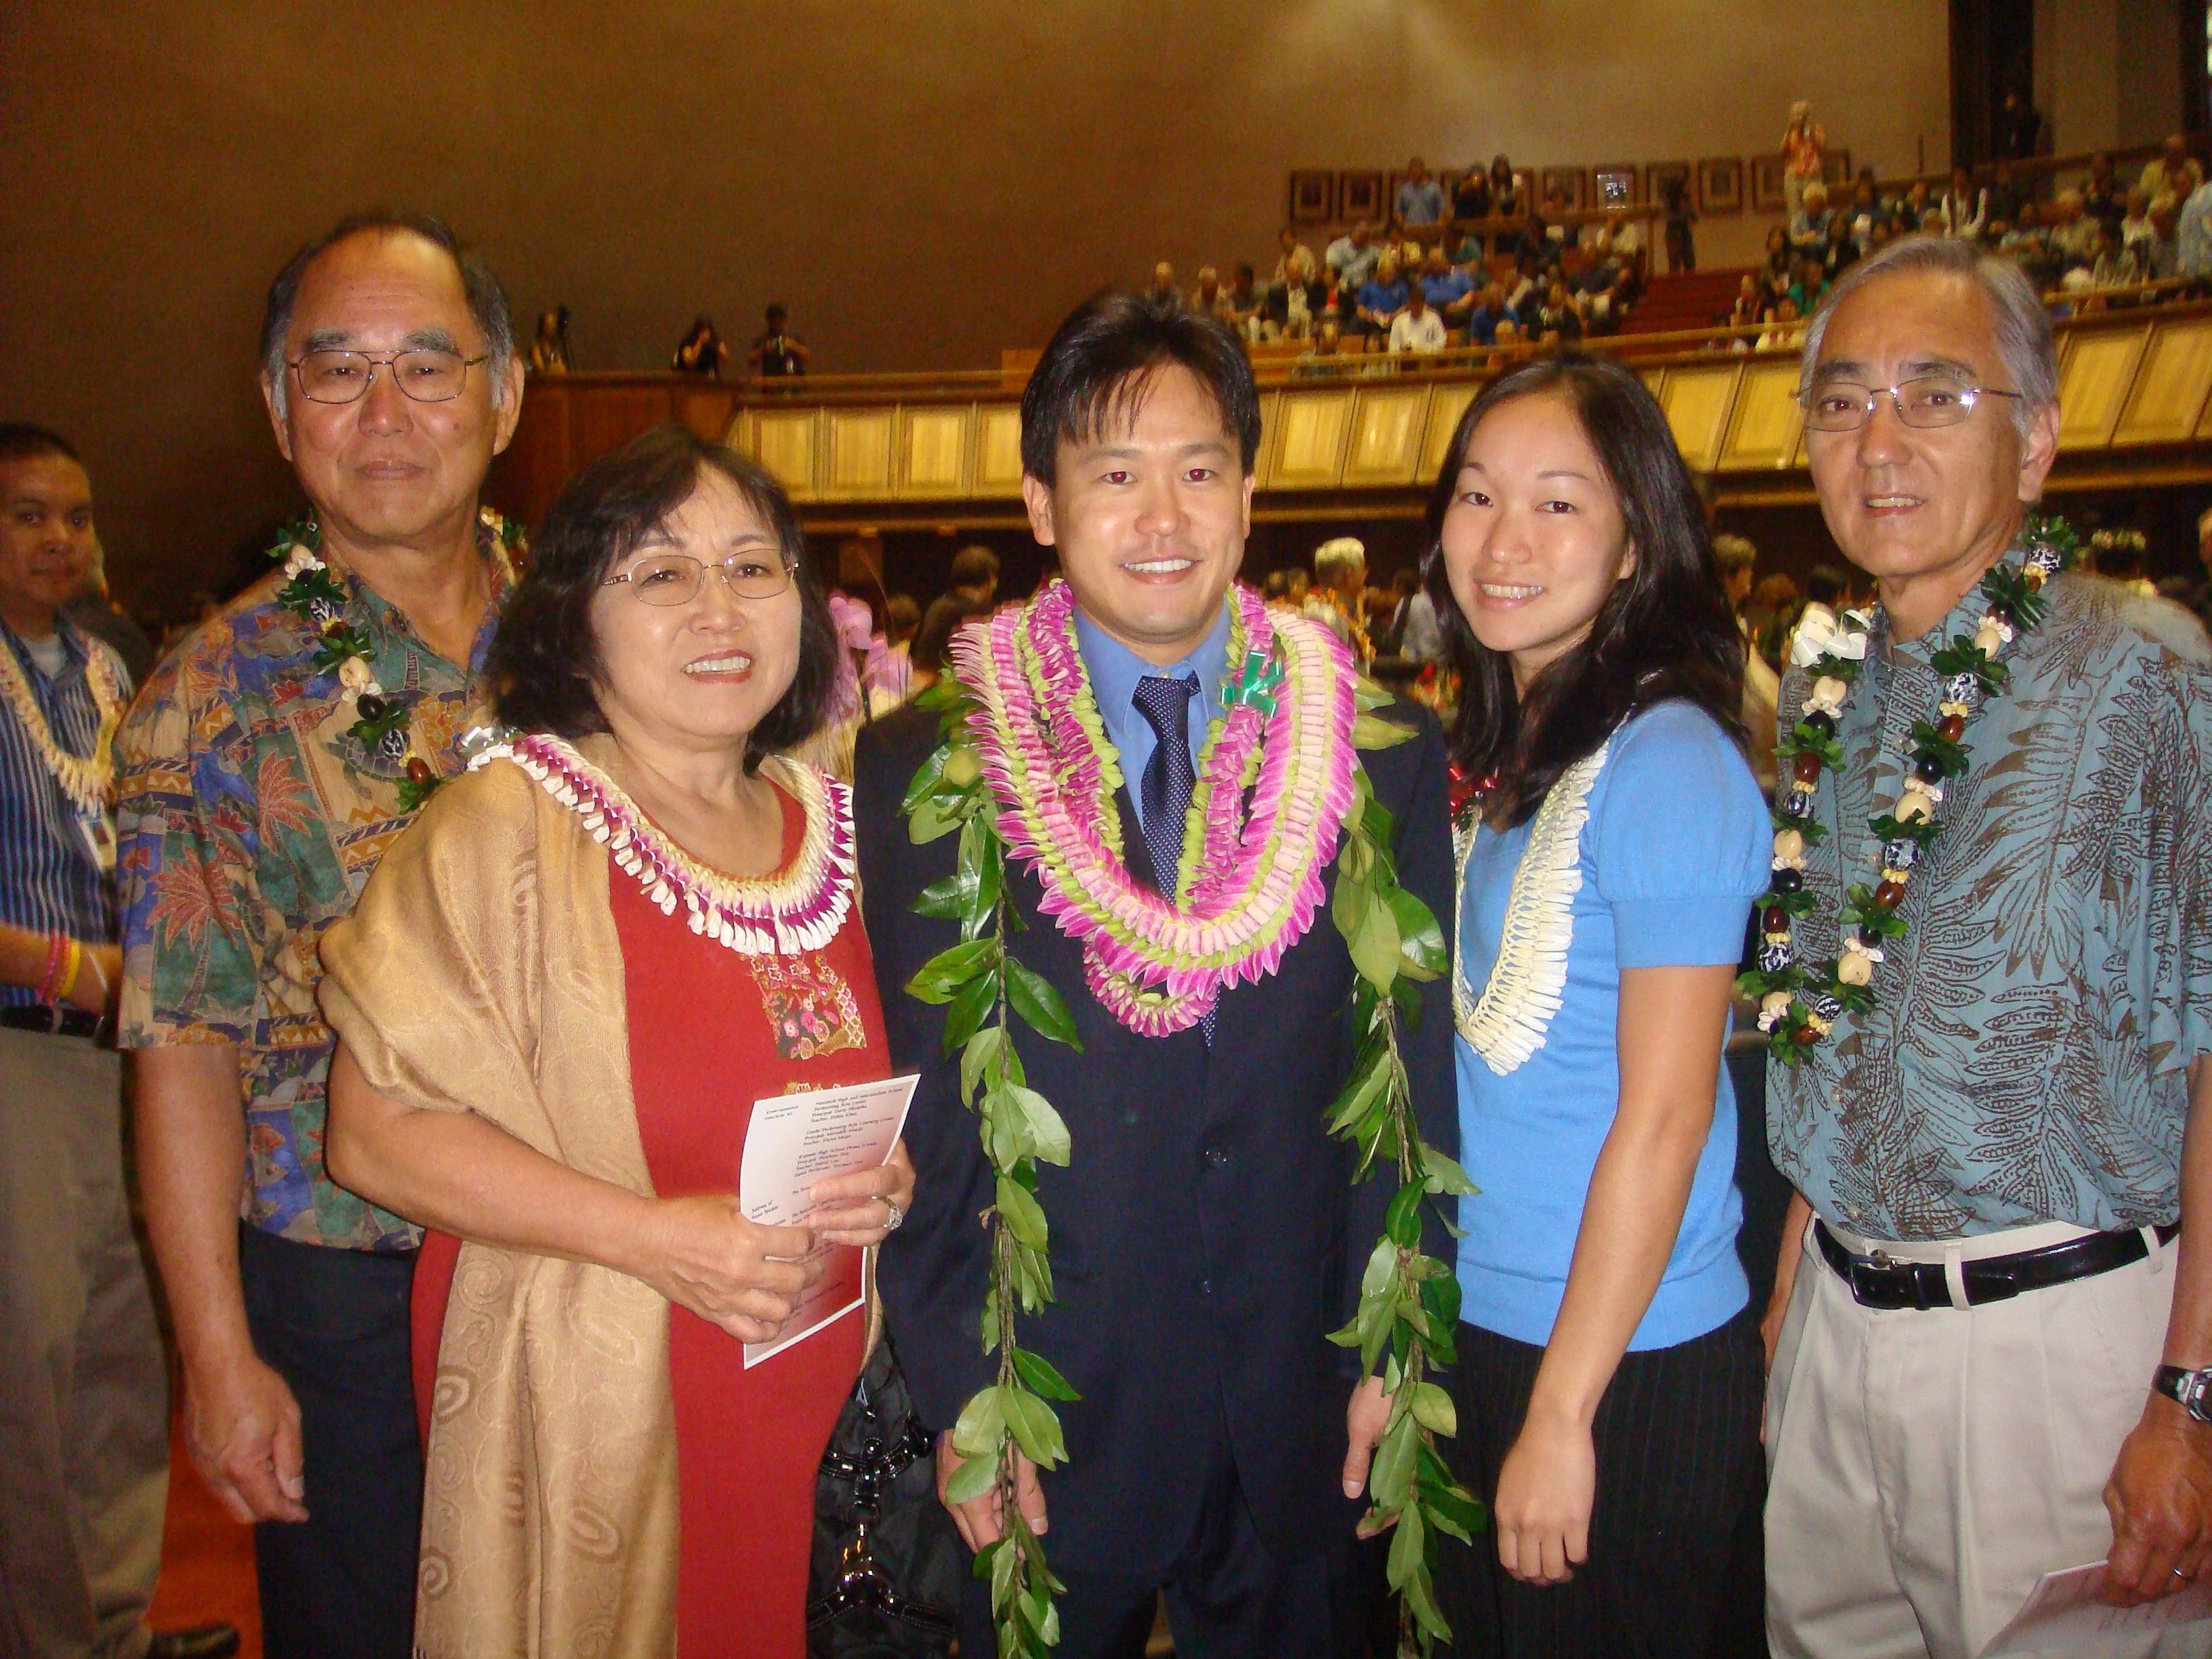 Richard E. Karamatsu (Rep. Karamatsu's father), Laraine E. Karamatsu (Rep. Karamatsu's mother), Rep. Jon Riki Karmatsu, Lara K. Karamatsu (Rep. Karamatsu's younger sister), and David Kaneshiro (Rep. Karamatsu's uncle).